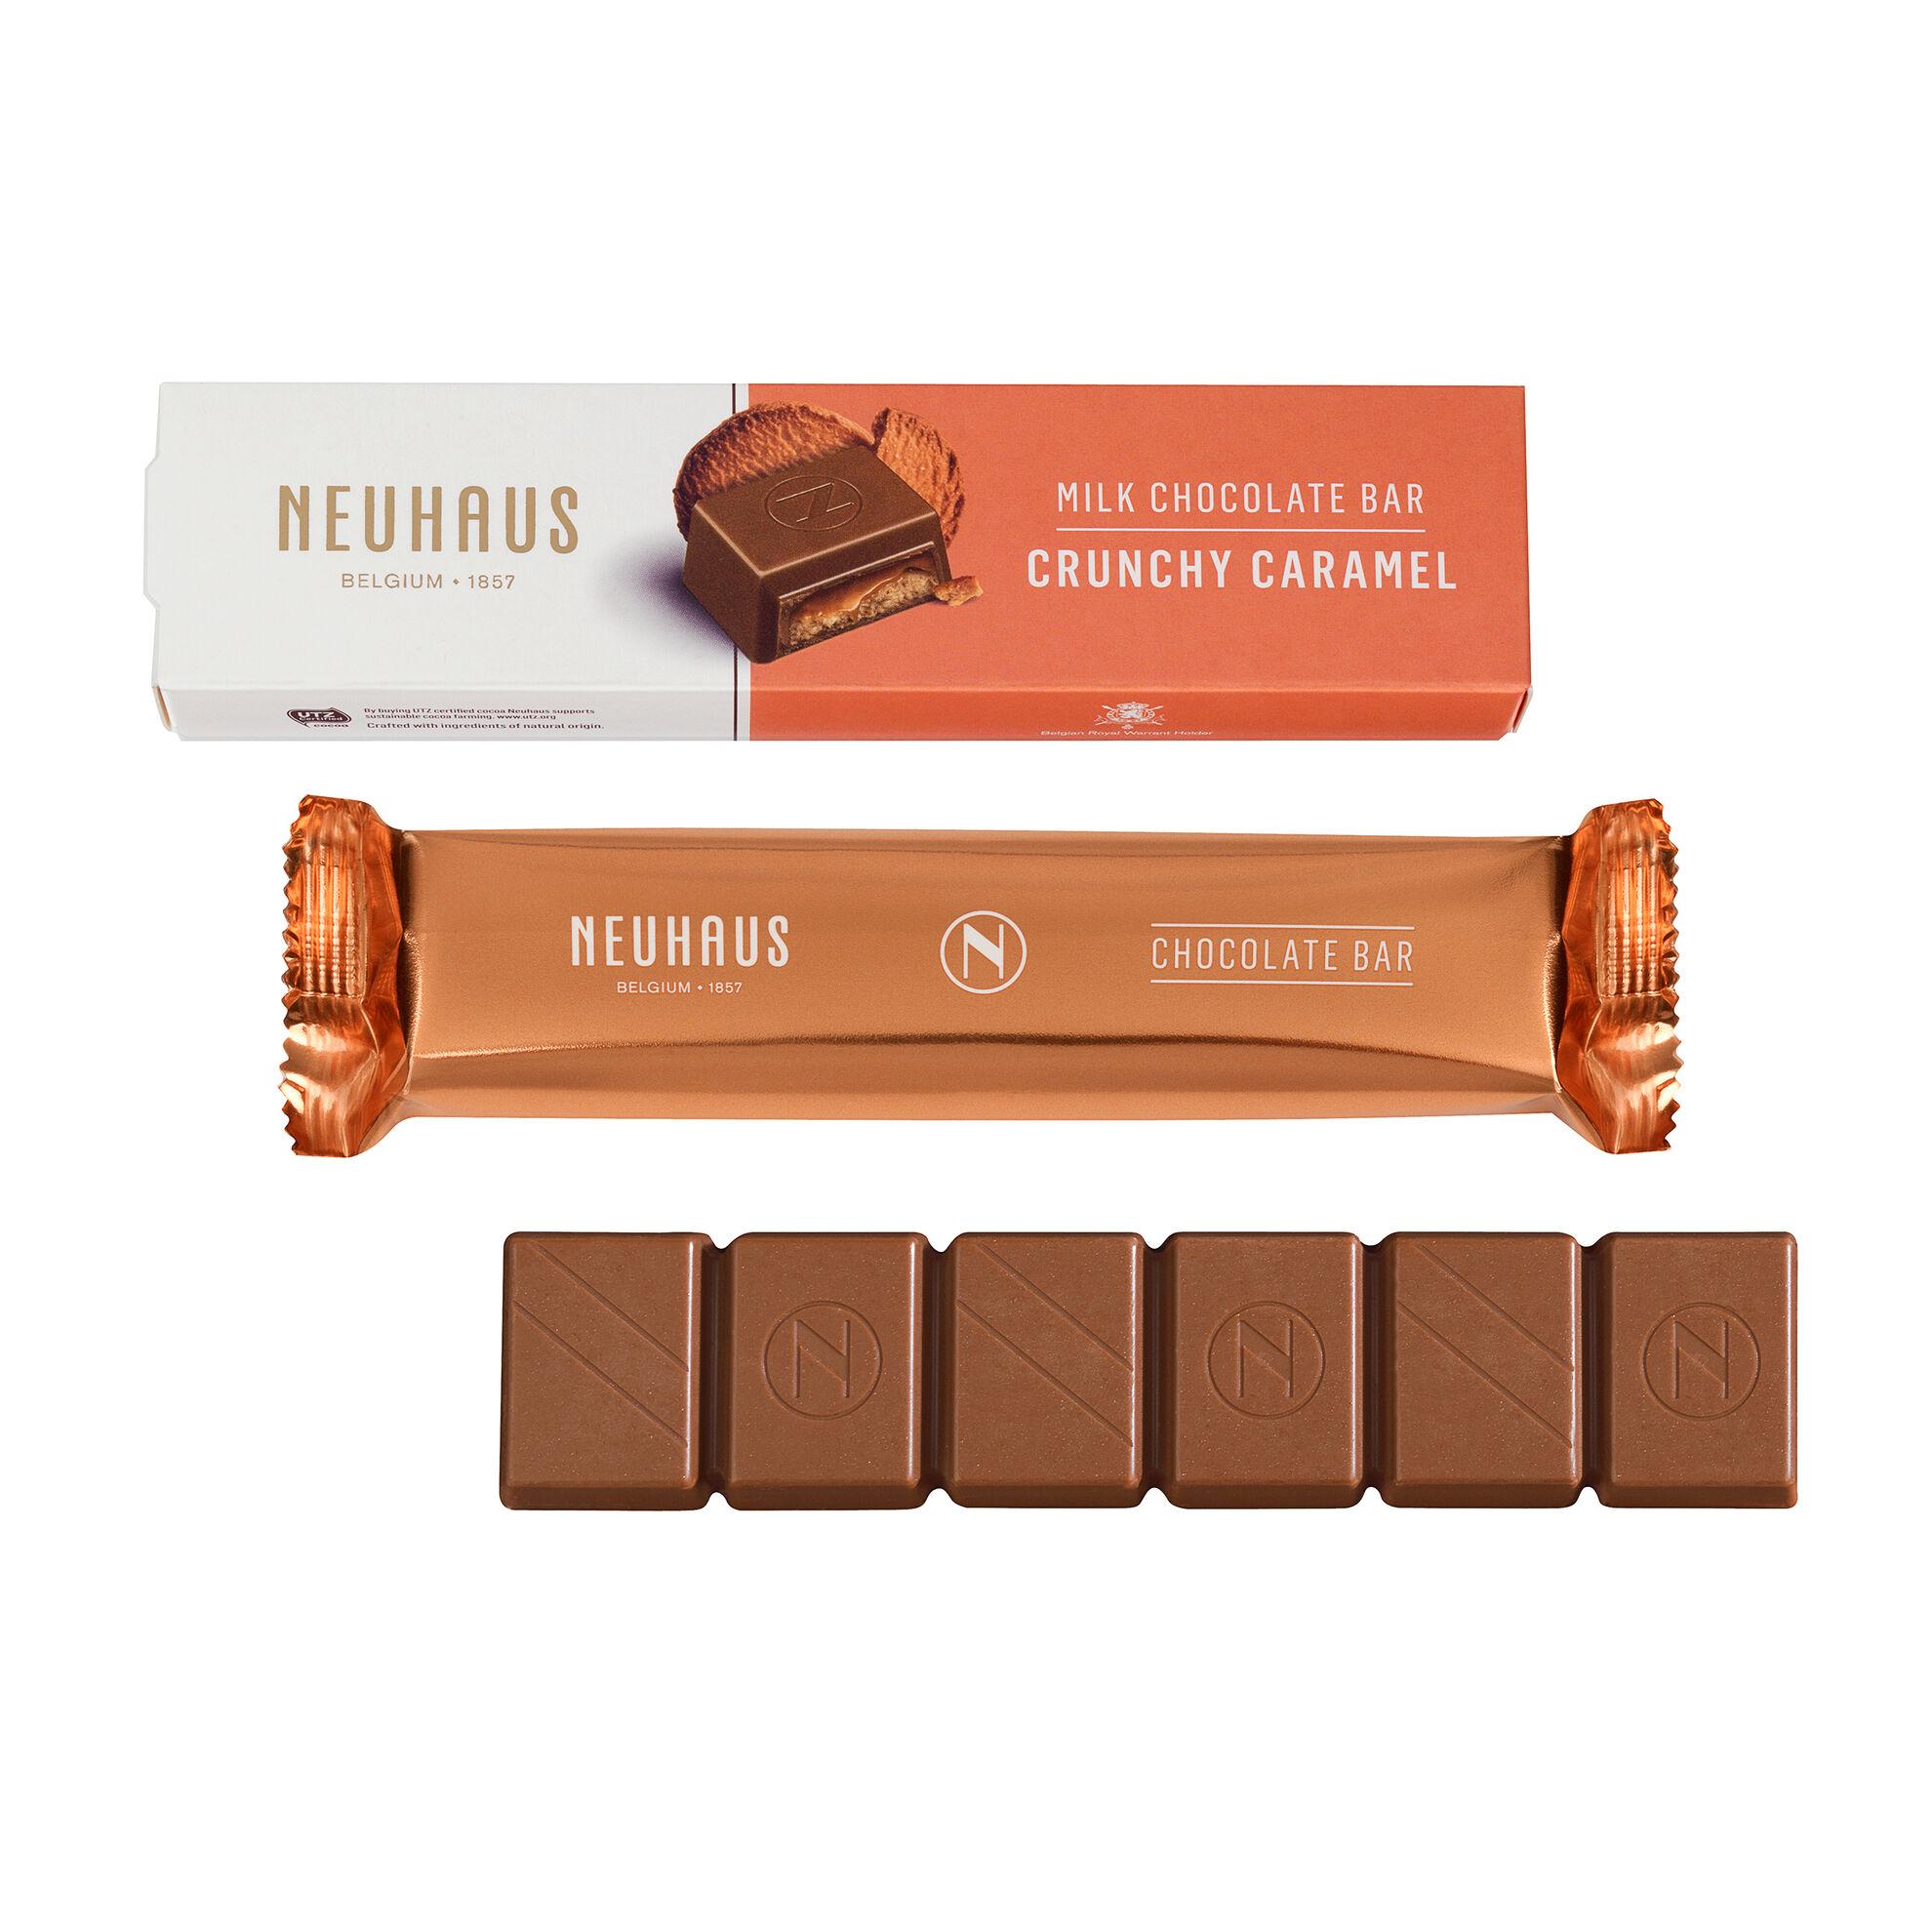 Milk Chocolate Bar - Crunchy Caramel image number 01